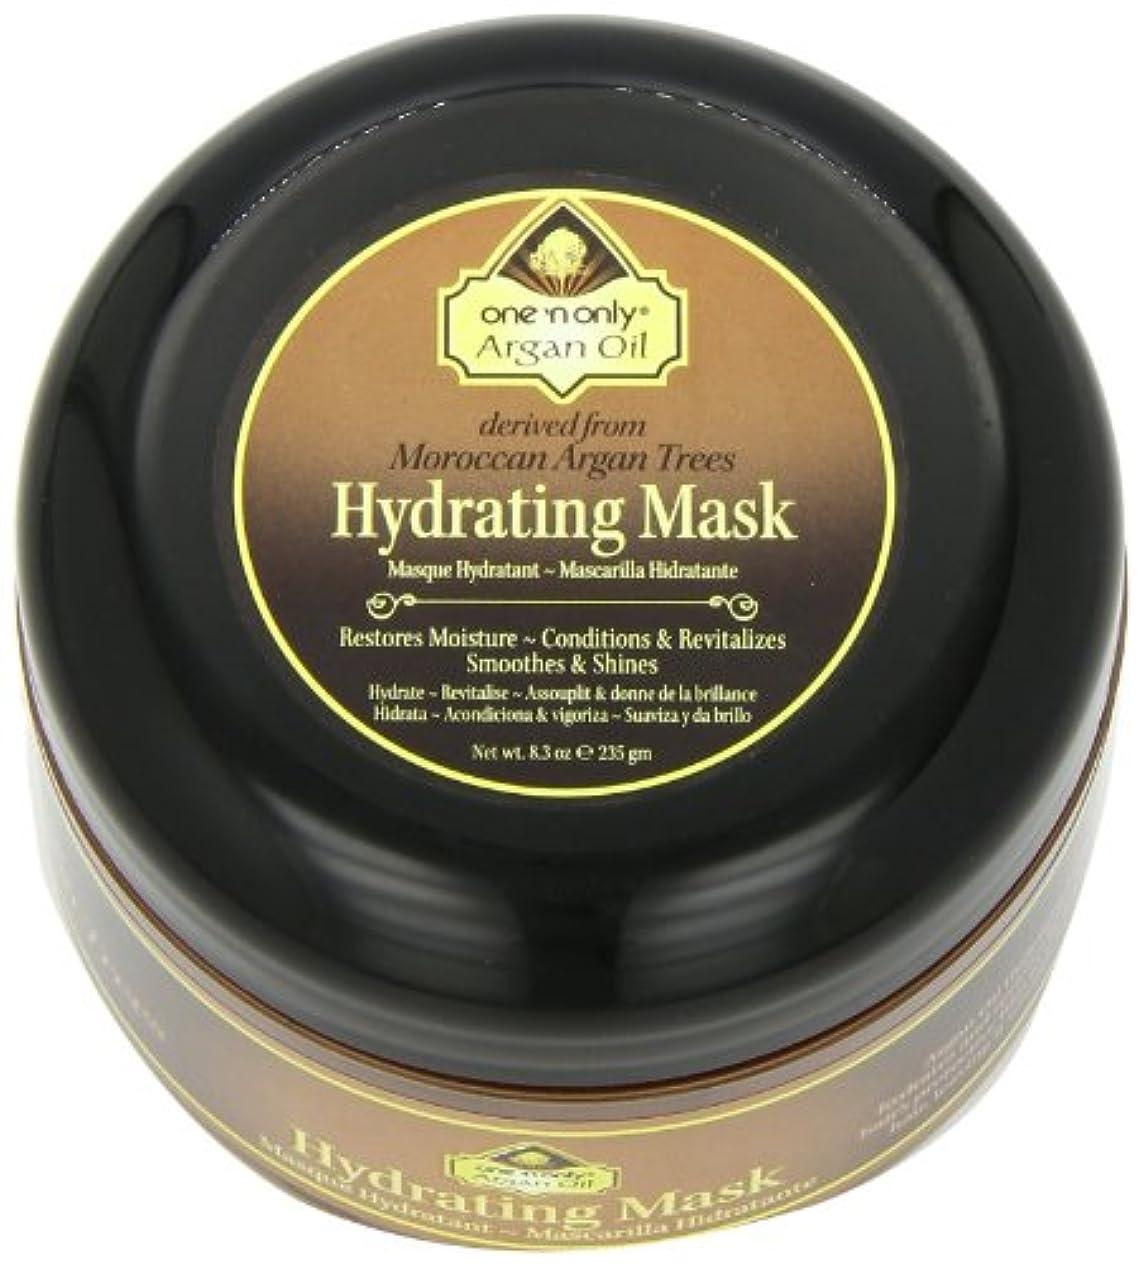 未満苗十億one 'n only Argan Oil Hydrating Mask Derived from Moroccan Argan Trees, 8.3 Ounce by one 'n only